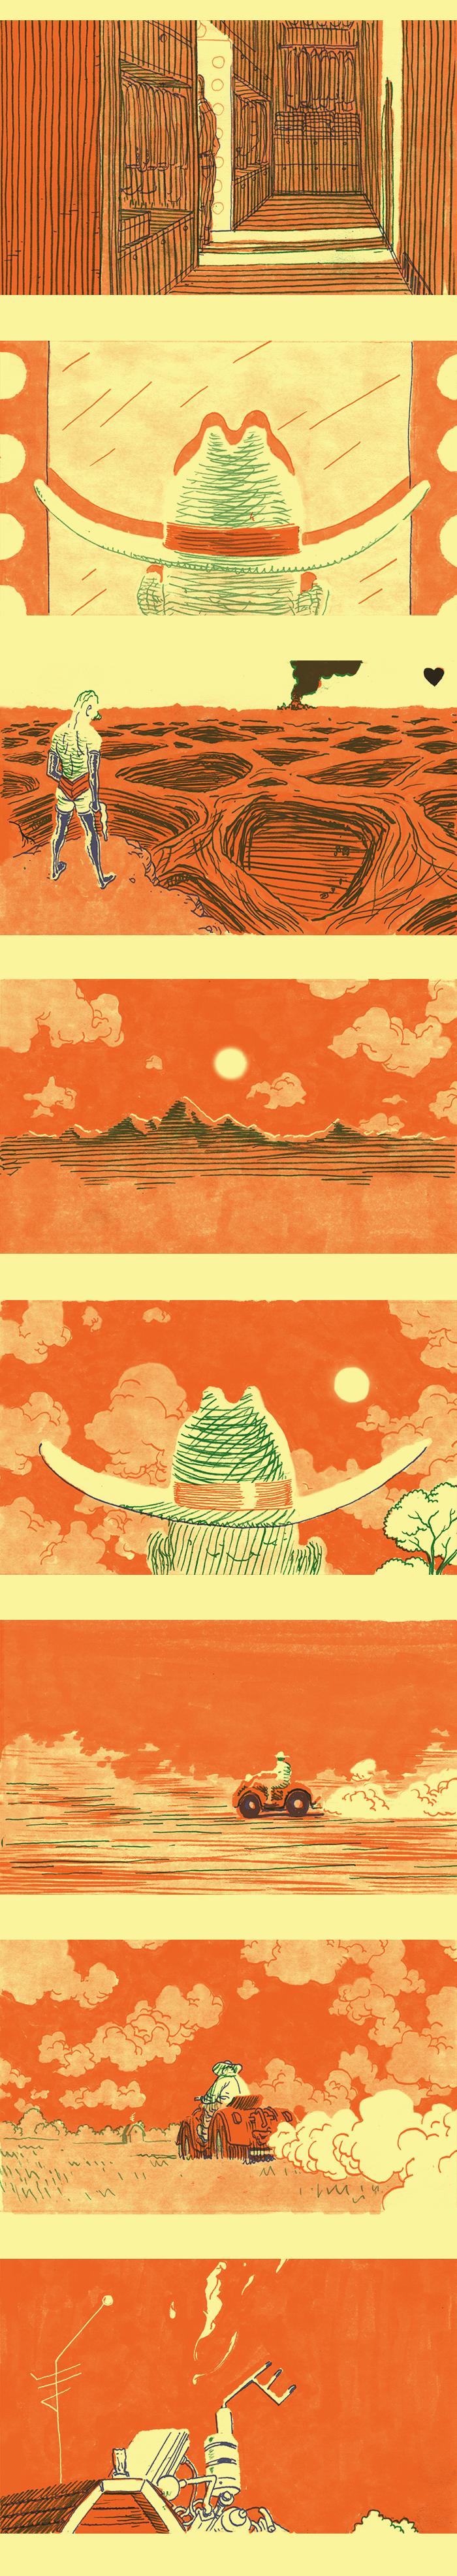 willumsen-ilustracion-oldskull-02